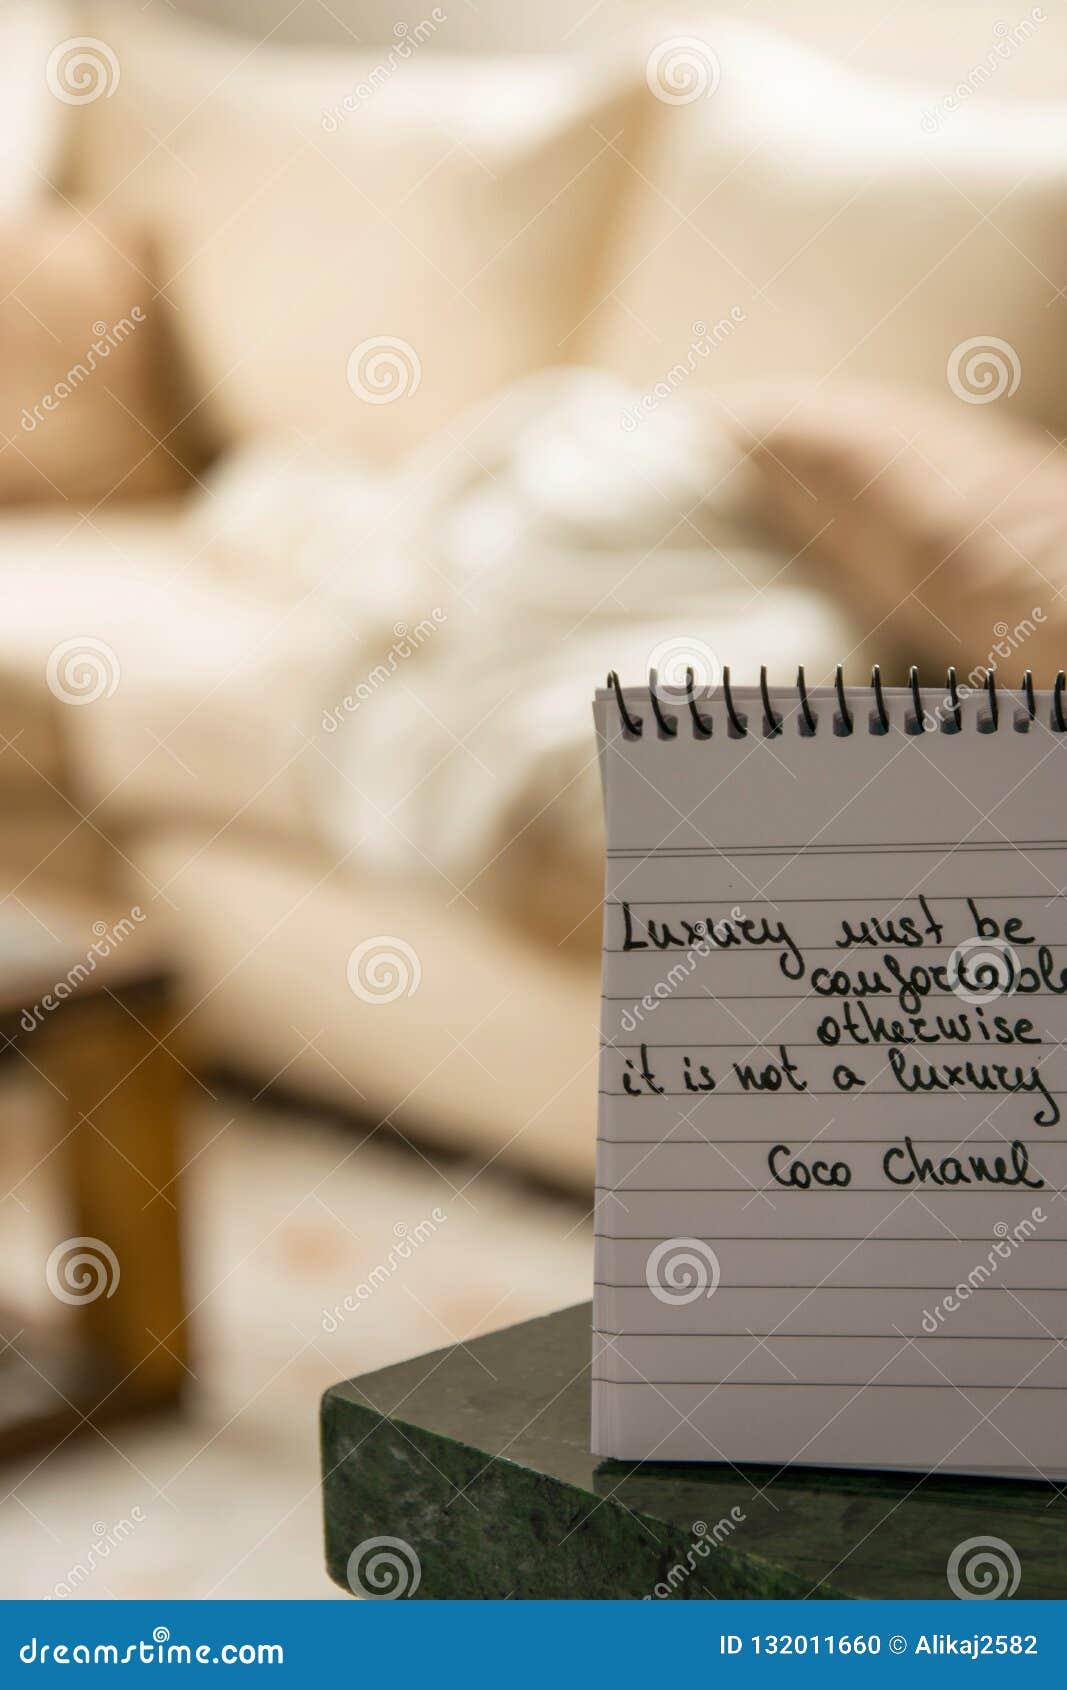 Coco Chanel cite écrit sur une note de bloc